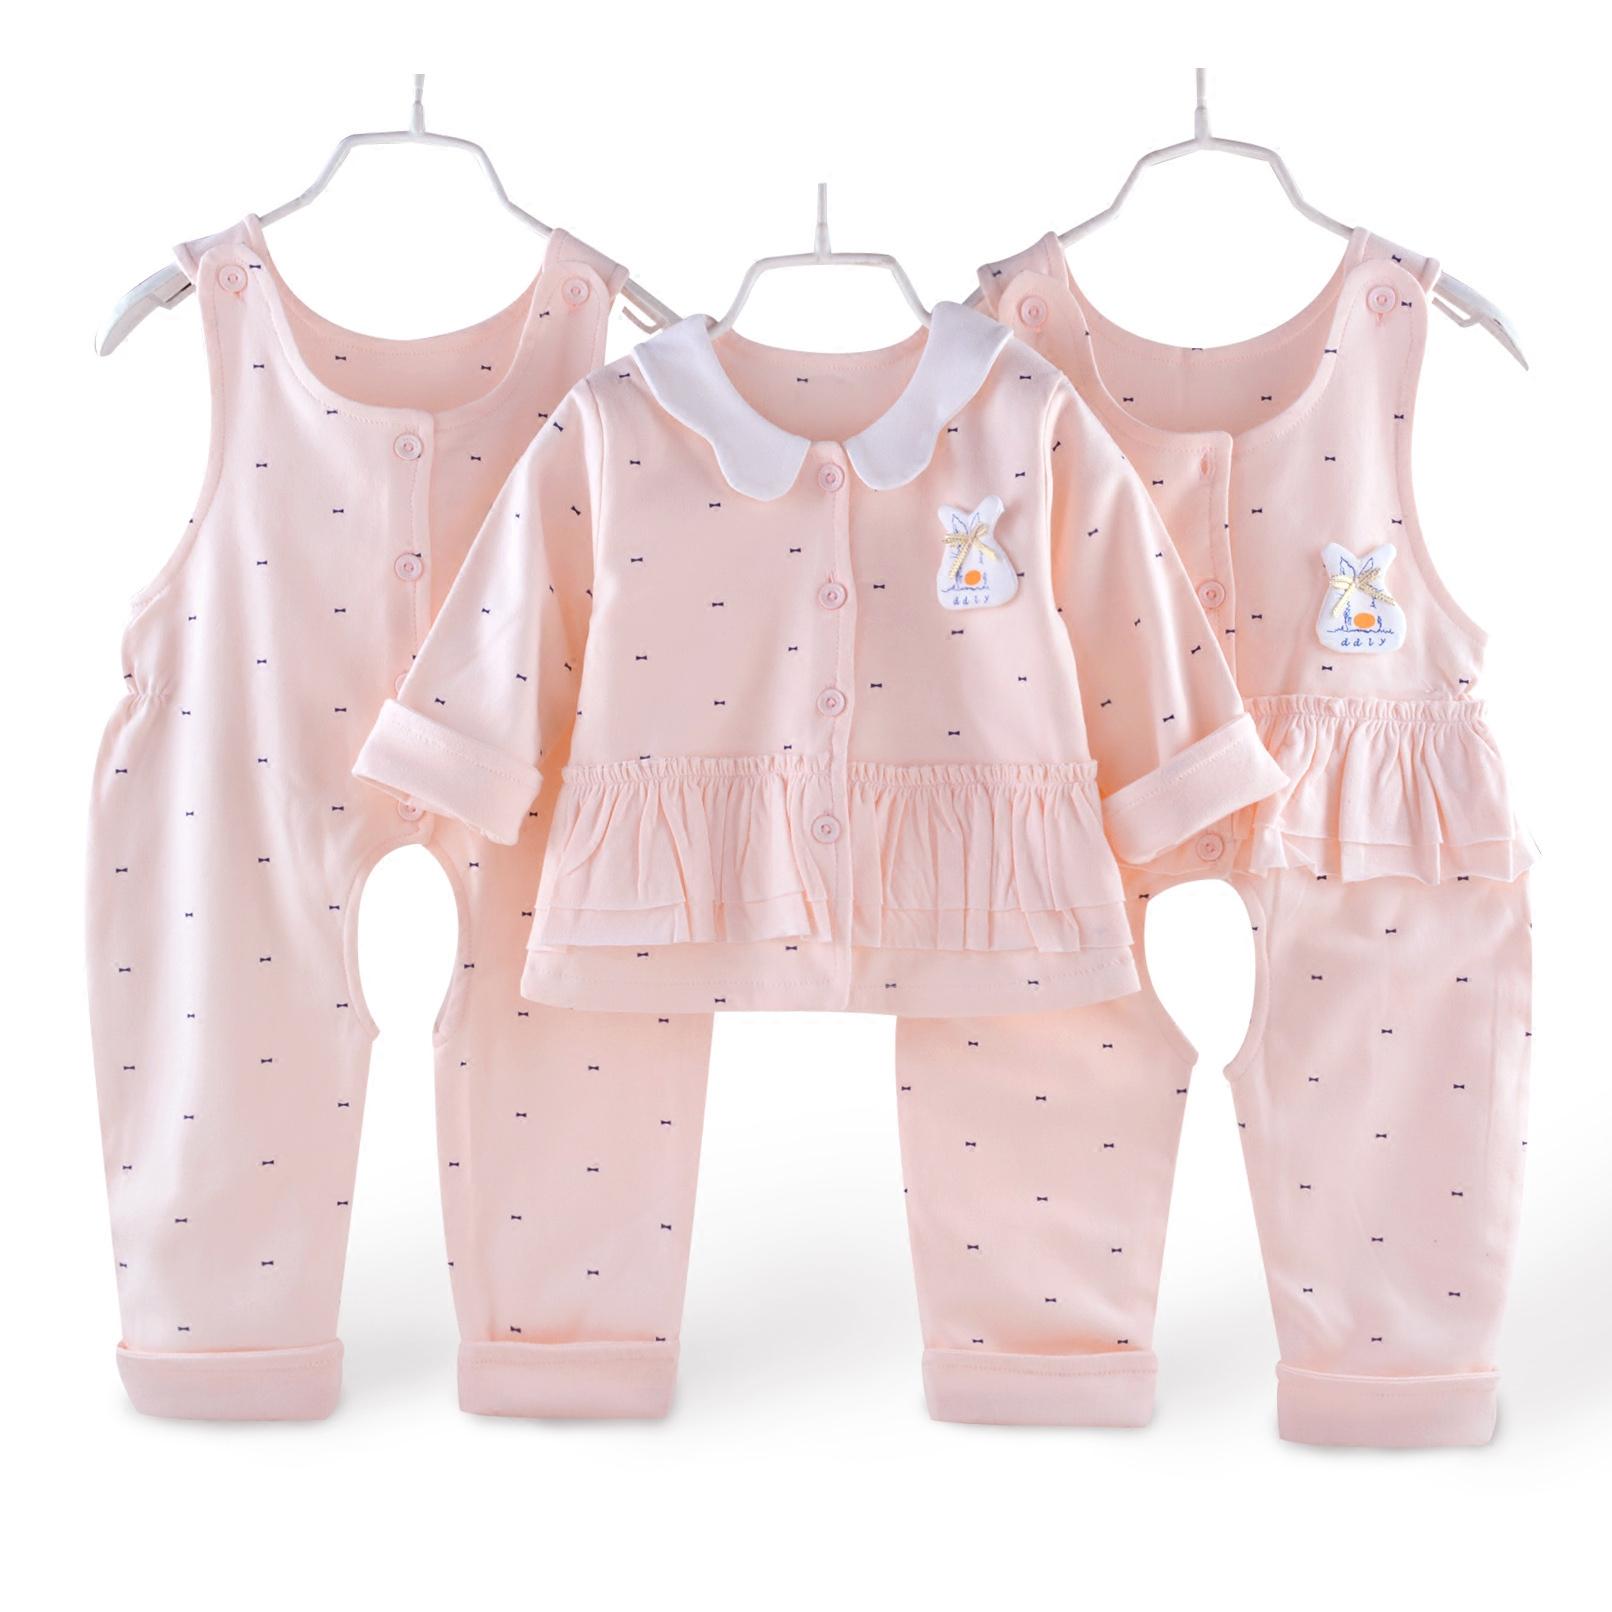 背带裤套装女婴幼儿纯棉宝宝三件套双层外出穿小童春秋款夹衣马甲